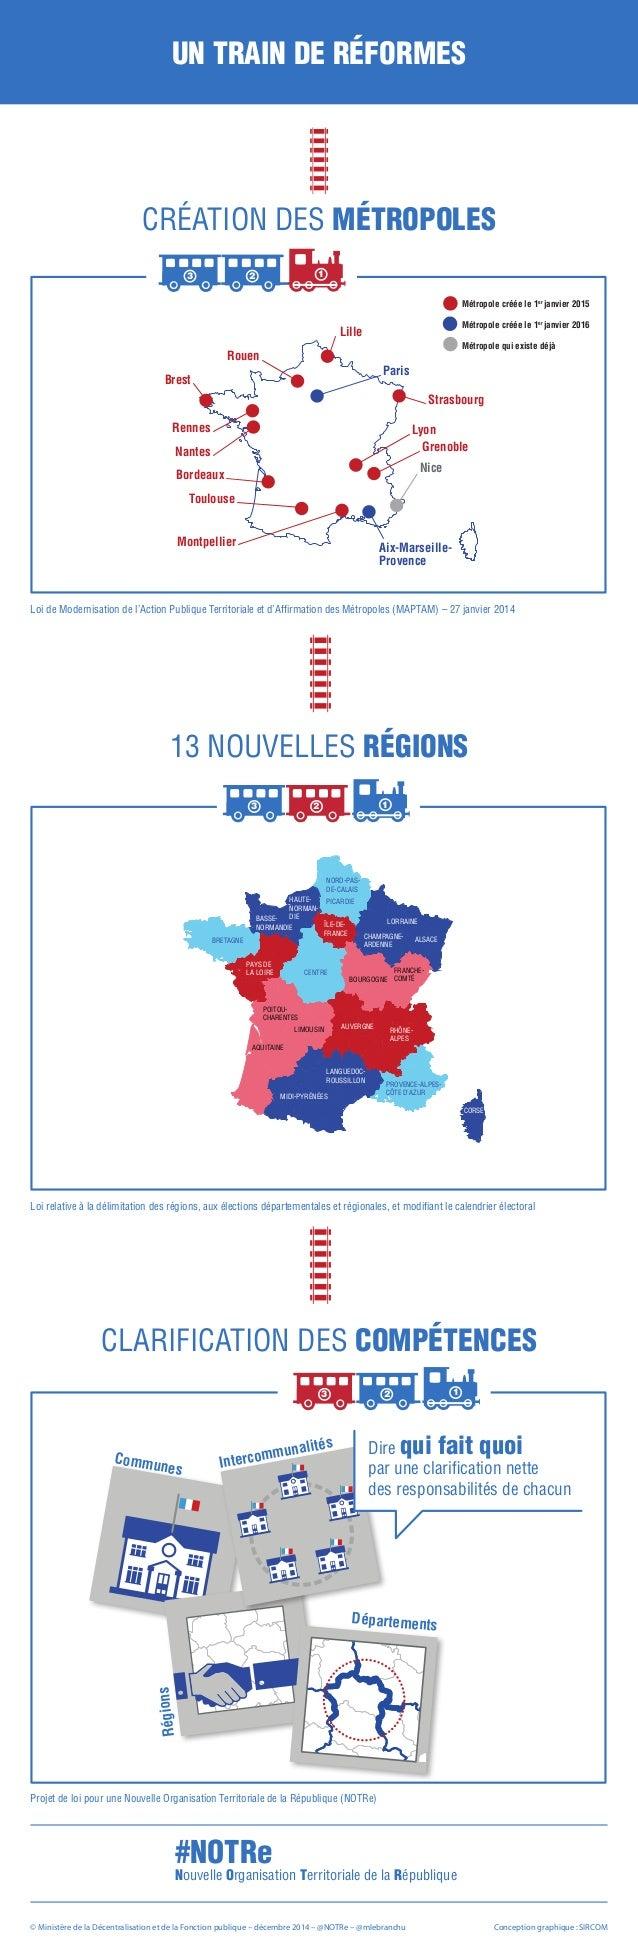 Métropole créée le 1er janvier 2015 Métropole créée le 1er janvier 2016 Métropole qui existe déjà Lille Bordeaux Grenoble ...